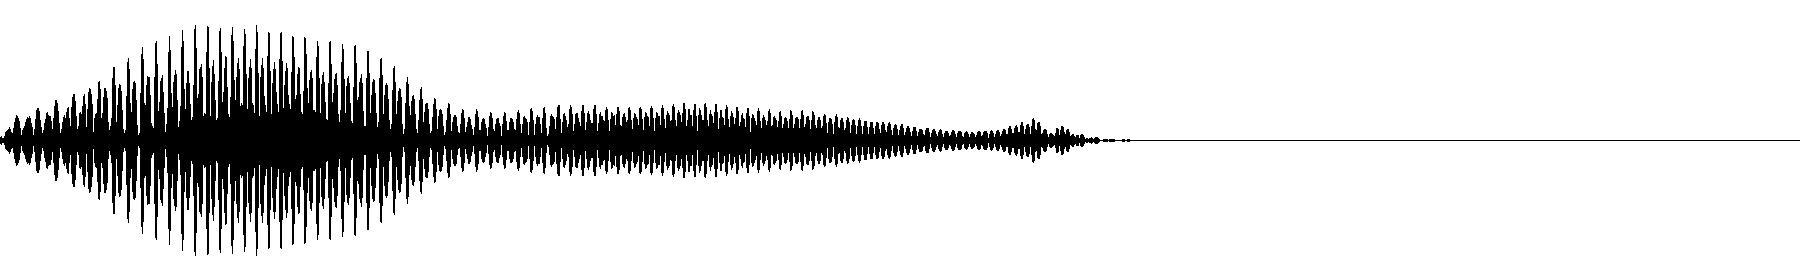 gia sound 22 a3